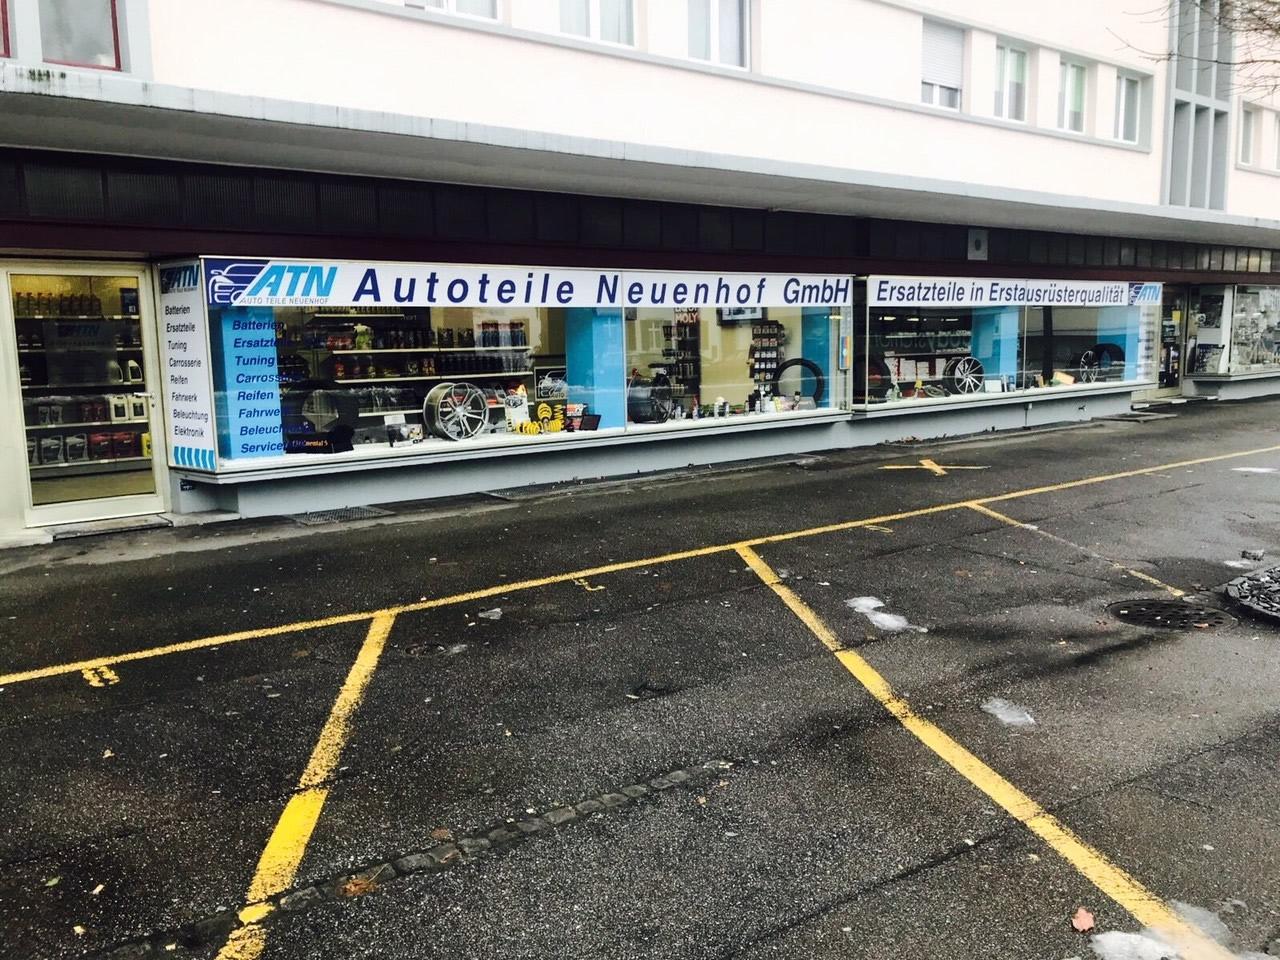 Autoteile Neuenhof GmbH